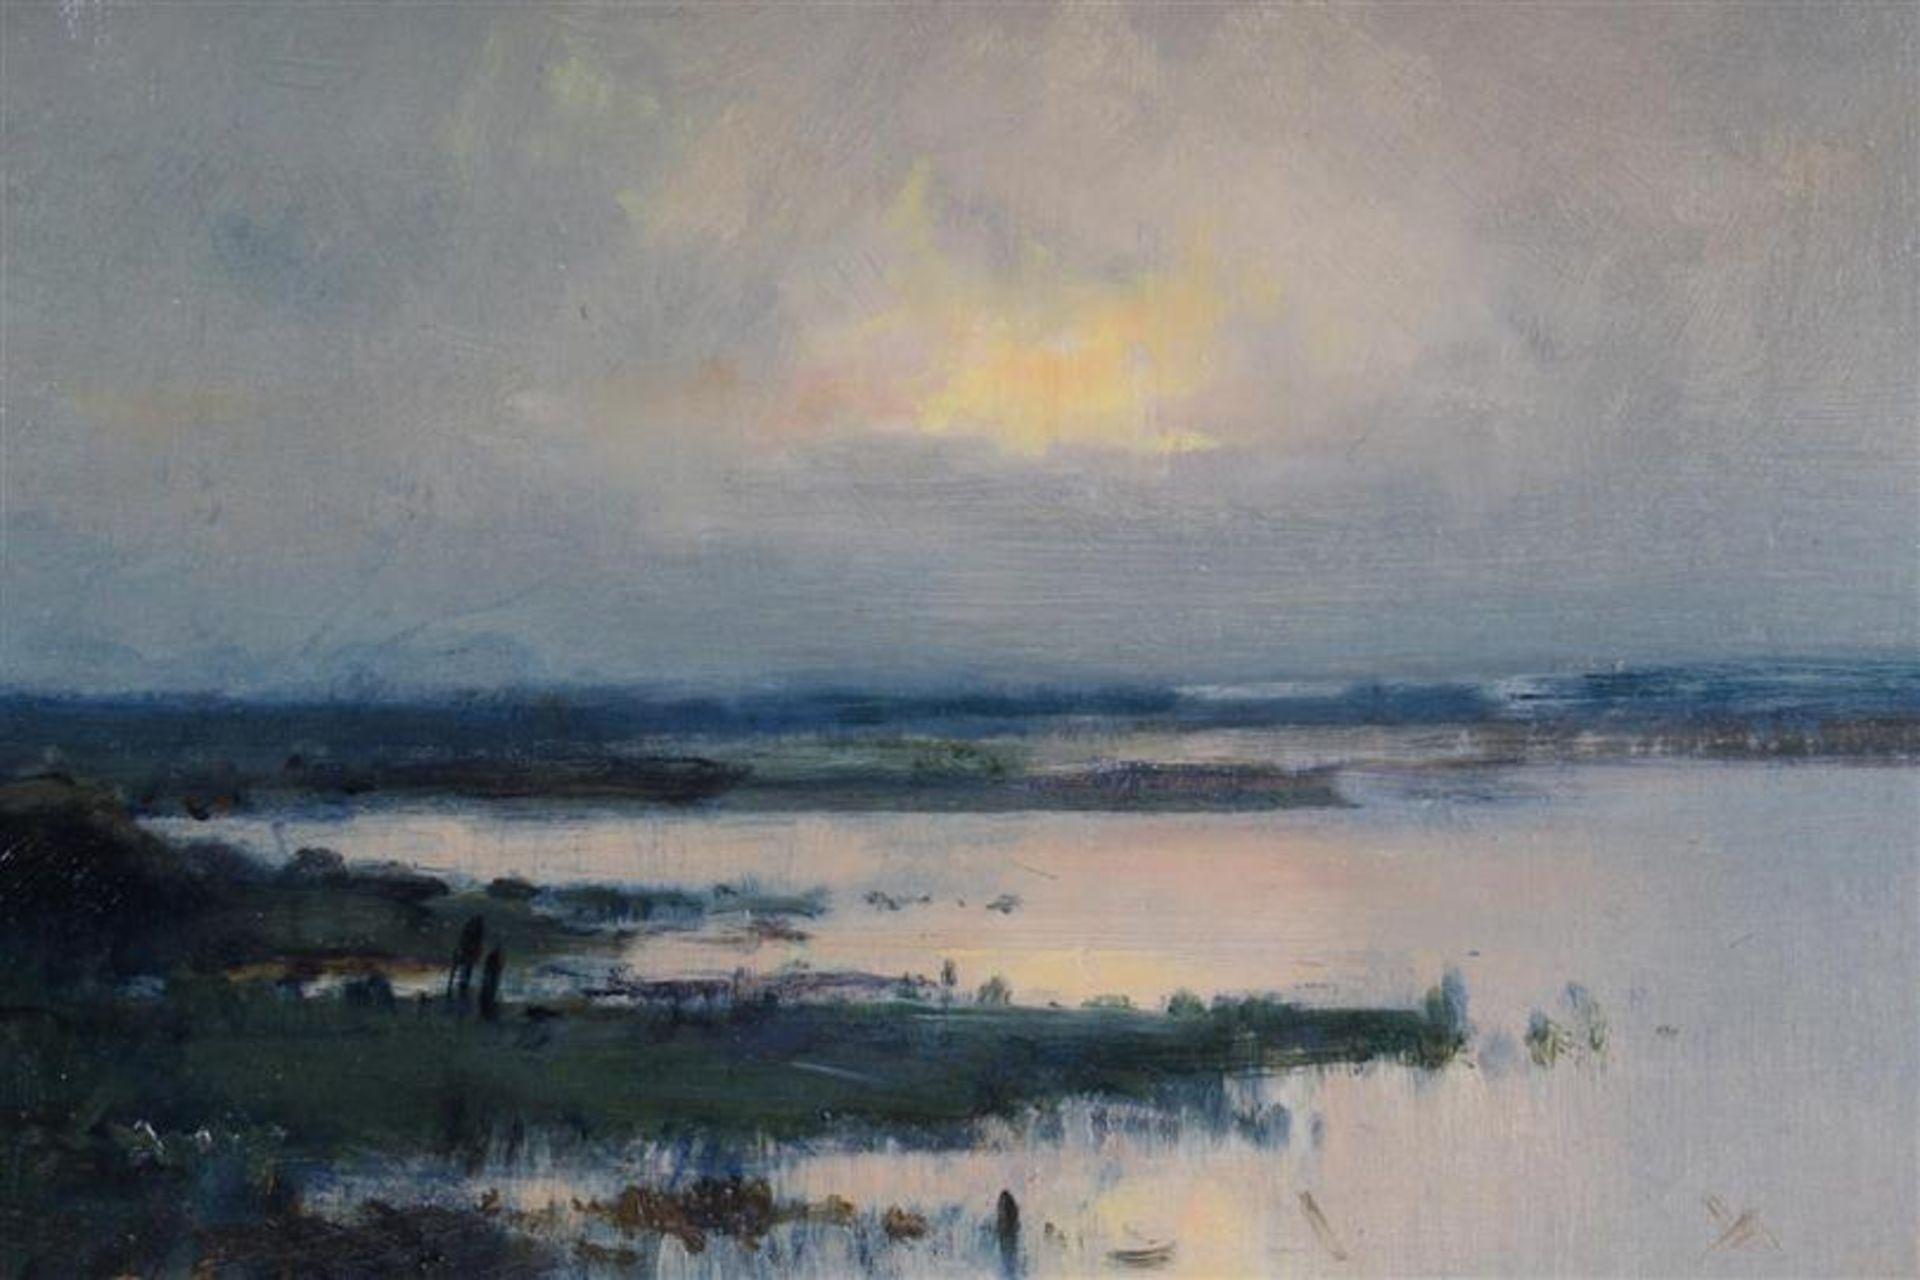 Schilderij, olieverf op board, 'Vennetje'. J. Sax (1899-1977) HxB: 25.5 x 33.5 cm. - Bild 3 aus 4